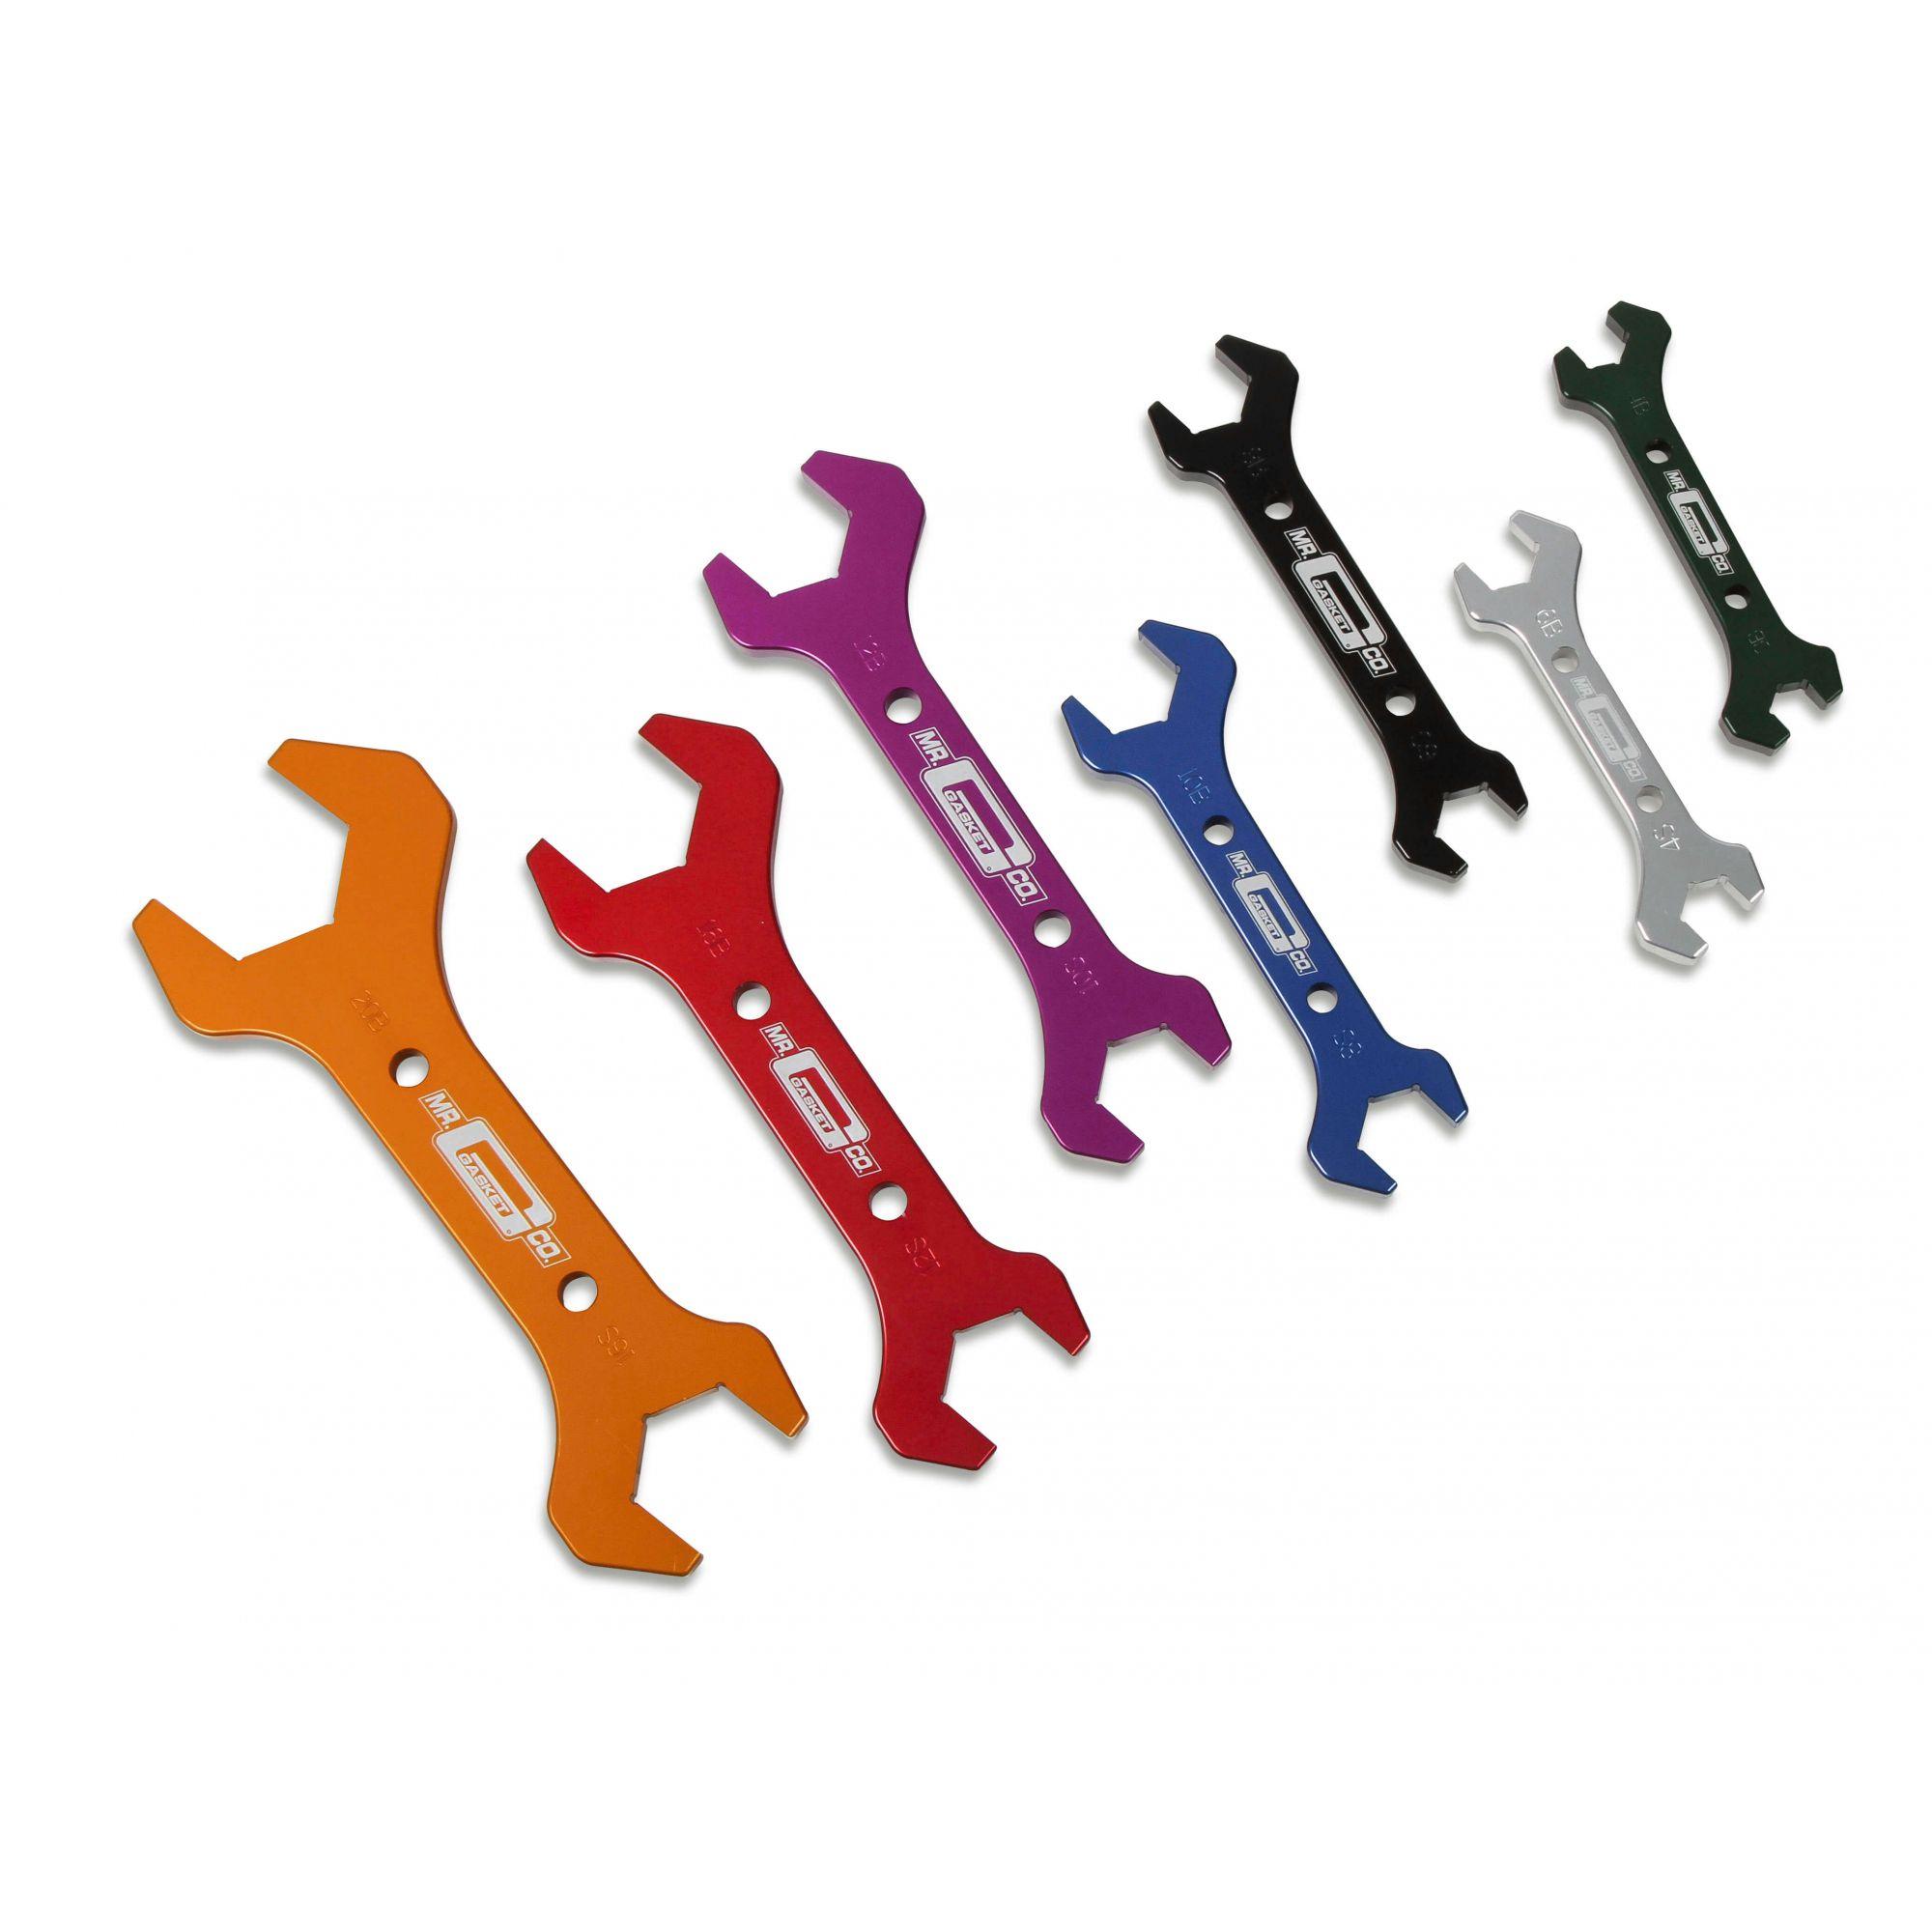 Jogo de chaves em alumínio para conexões AN - MR. Gasket  - PRO-1 Serious Performance